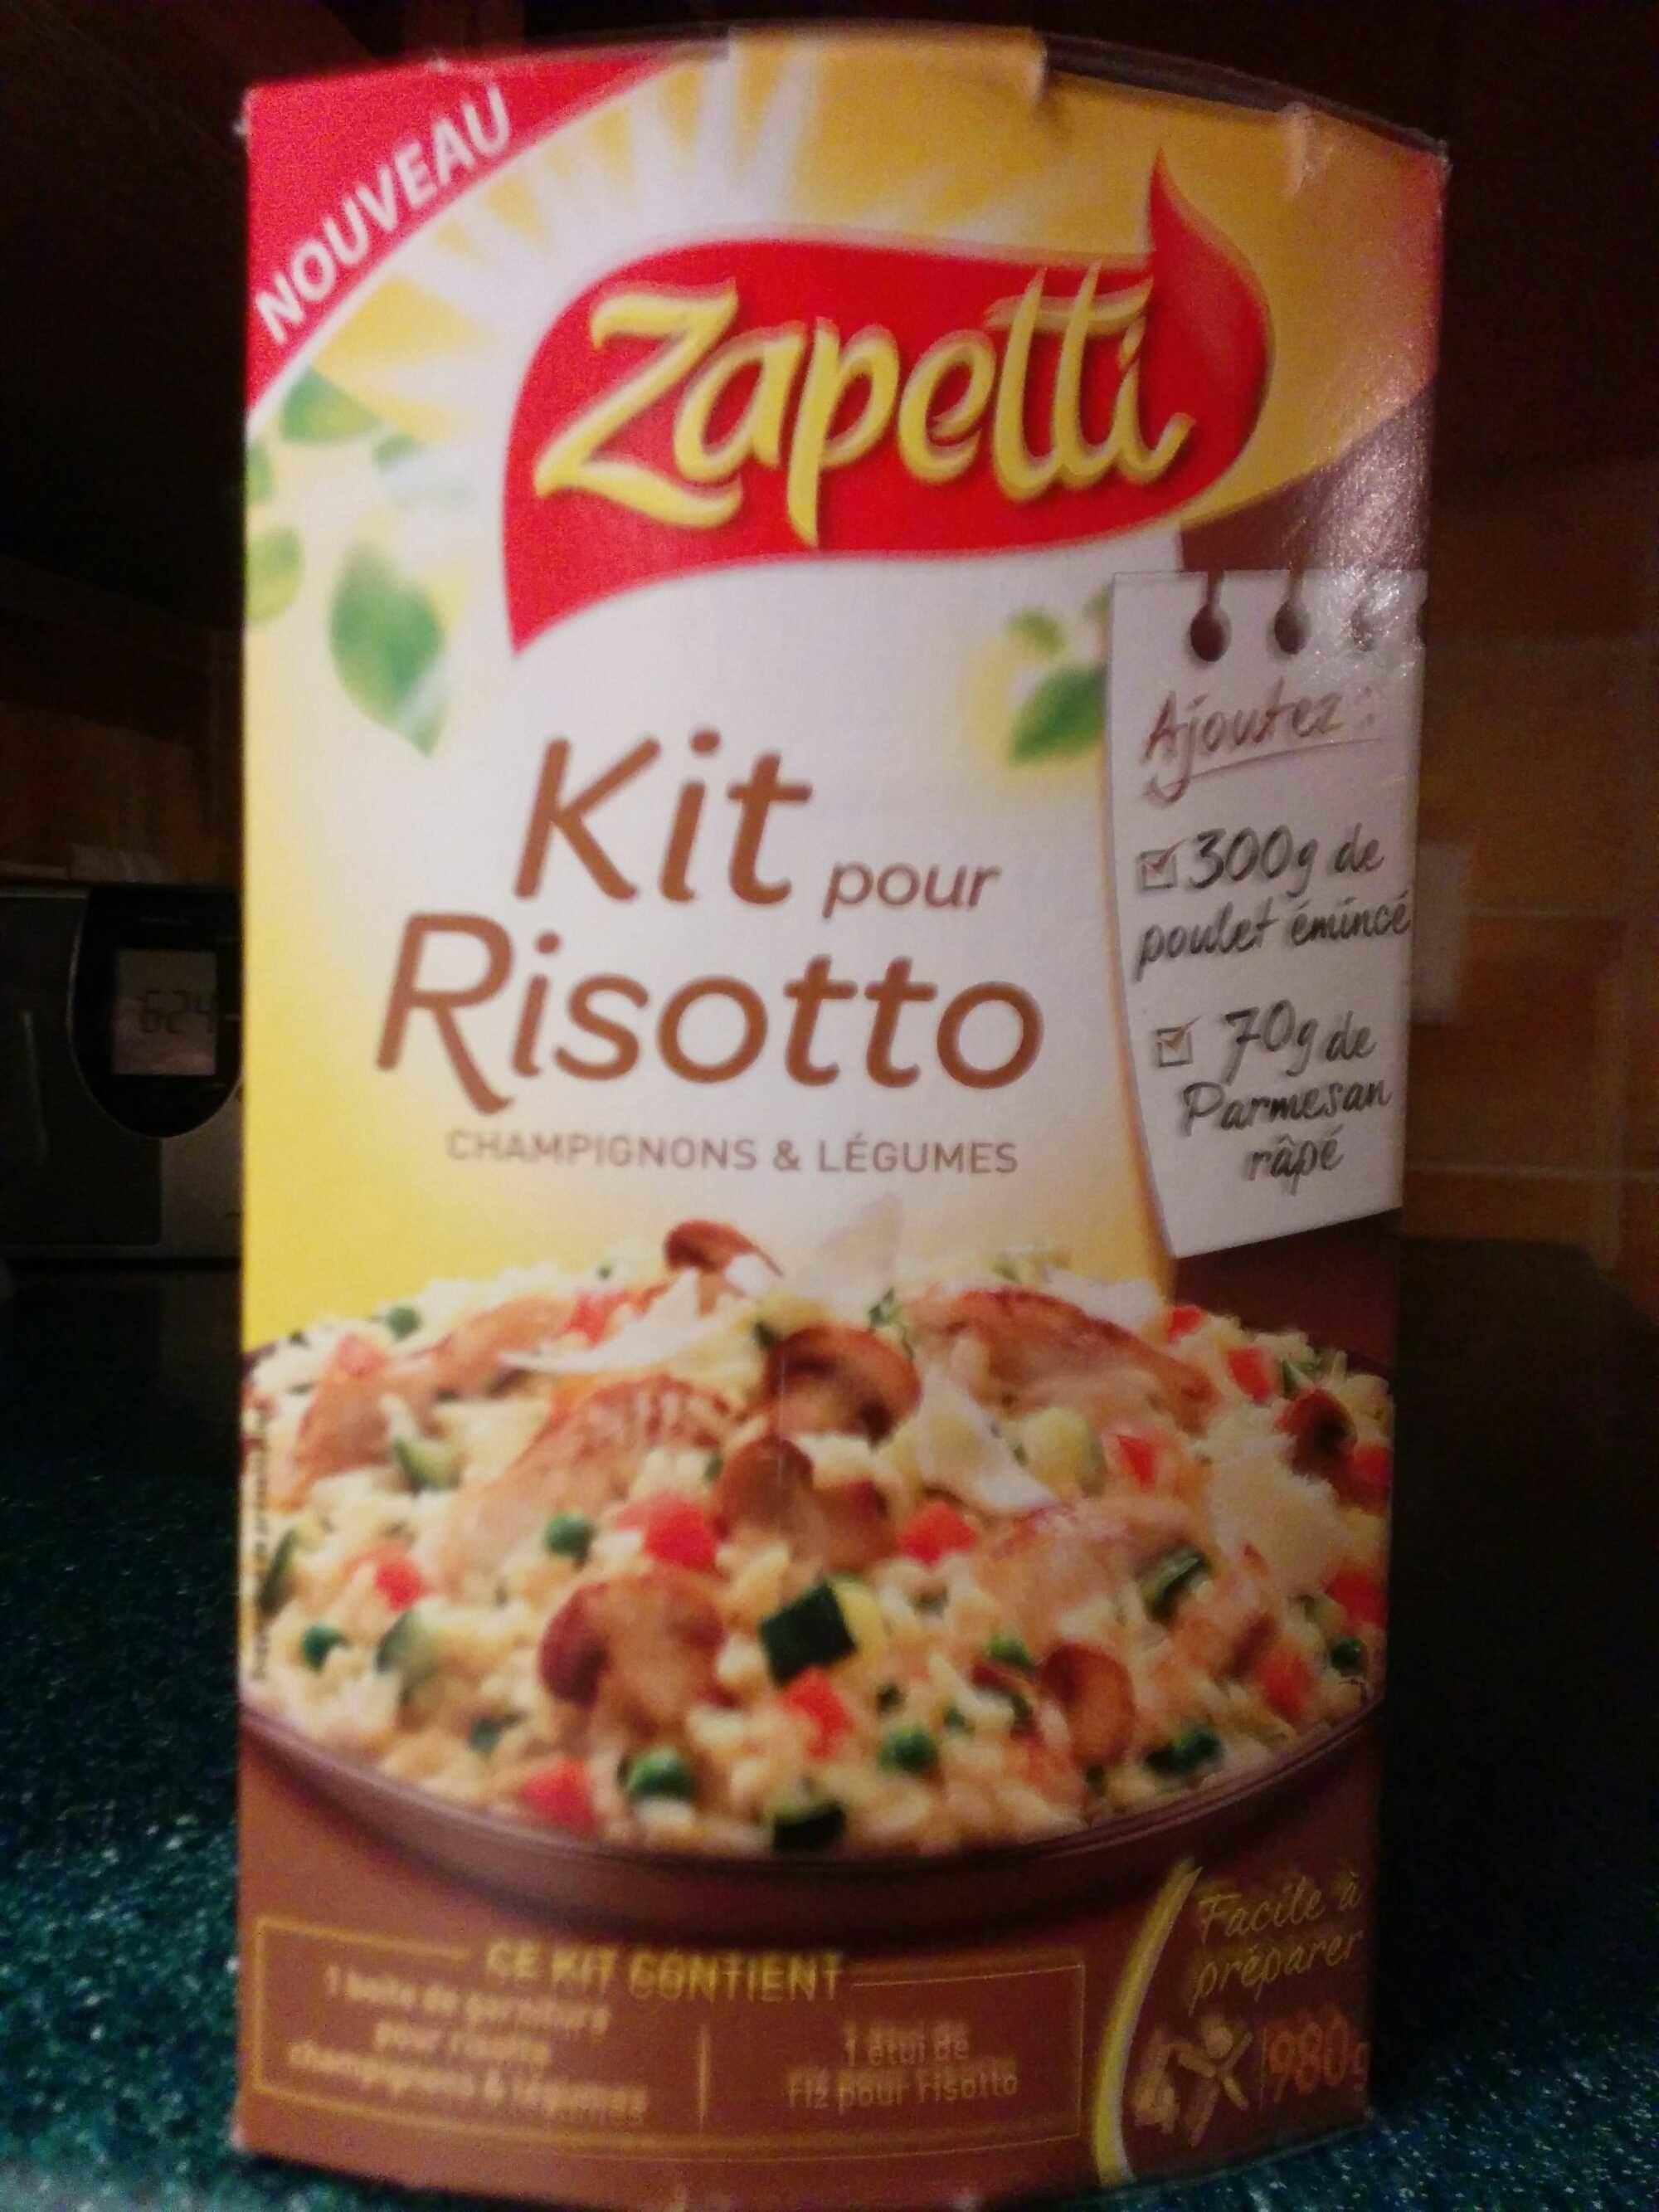 Kit pour Risotto Champignons et Légumes - Product - fr